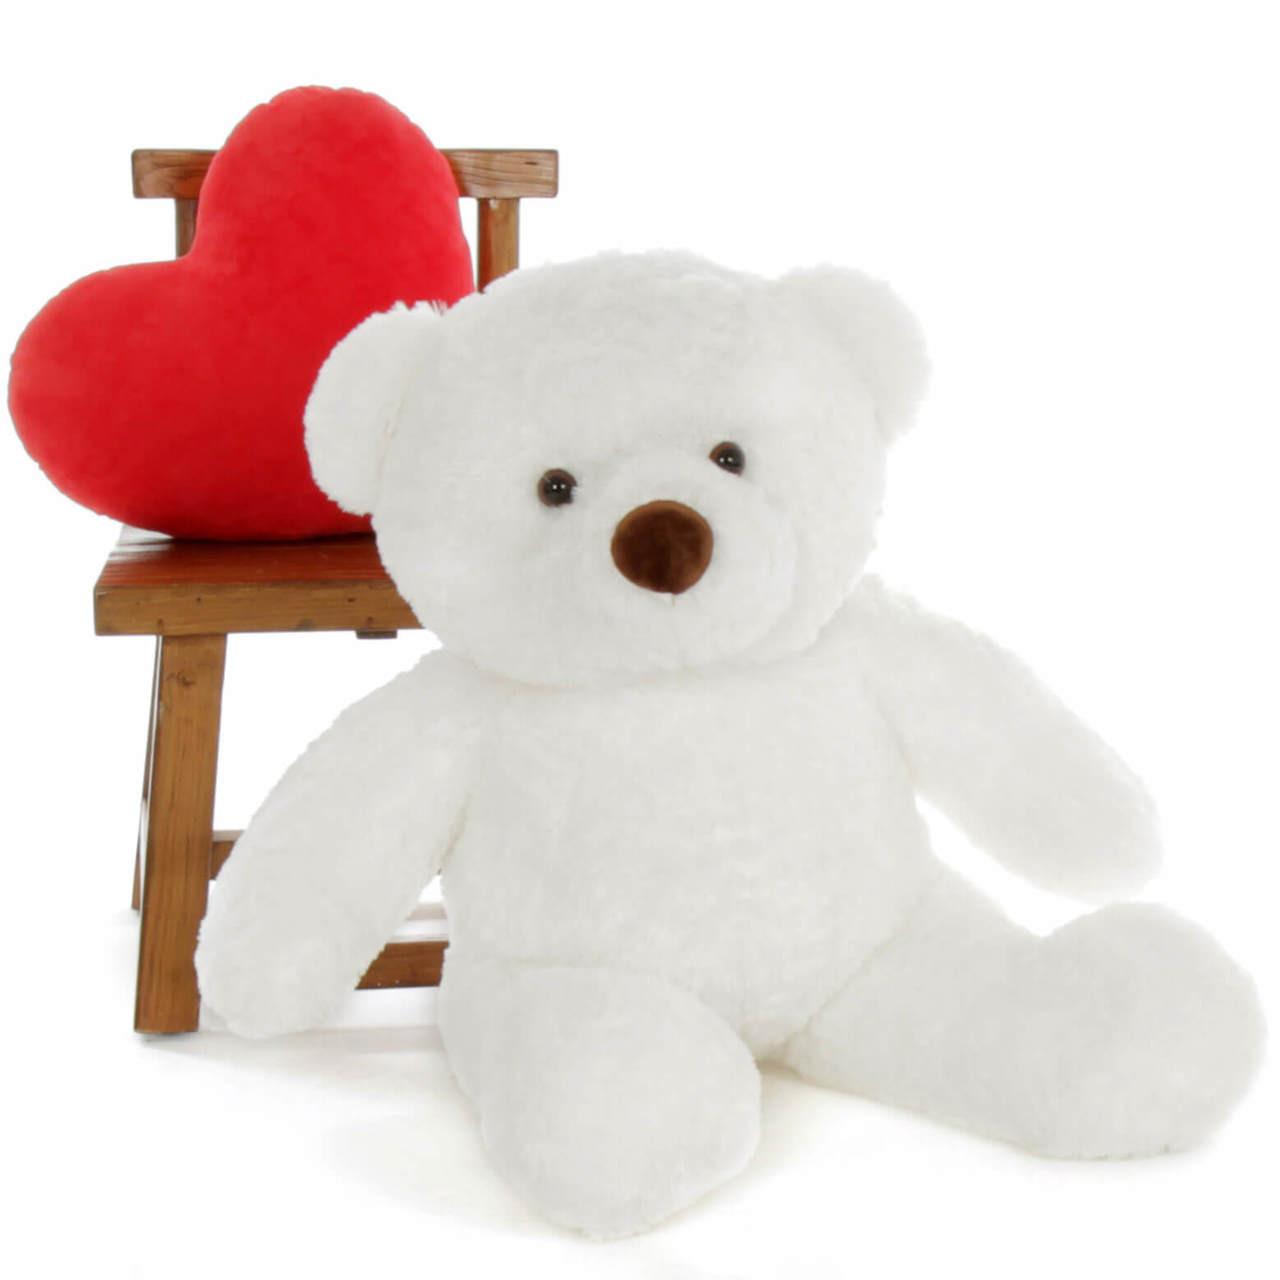 Sprinkle Chubs Teddy Bear 3Ft (Chair & Heart NOT included)